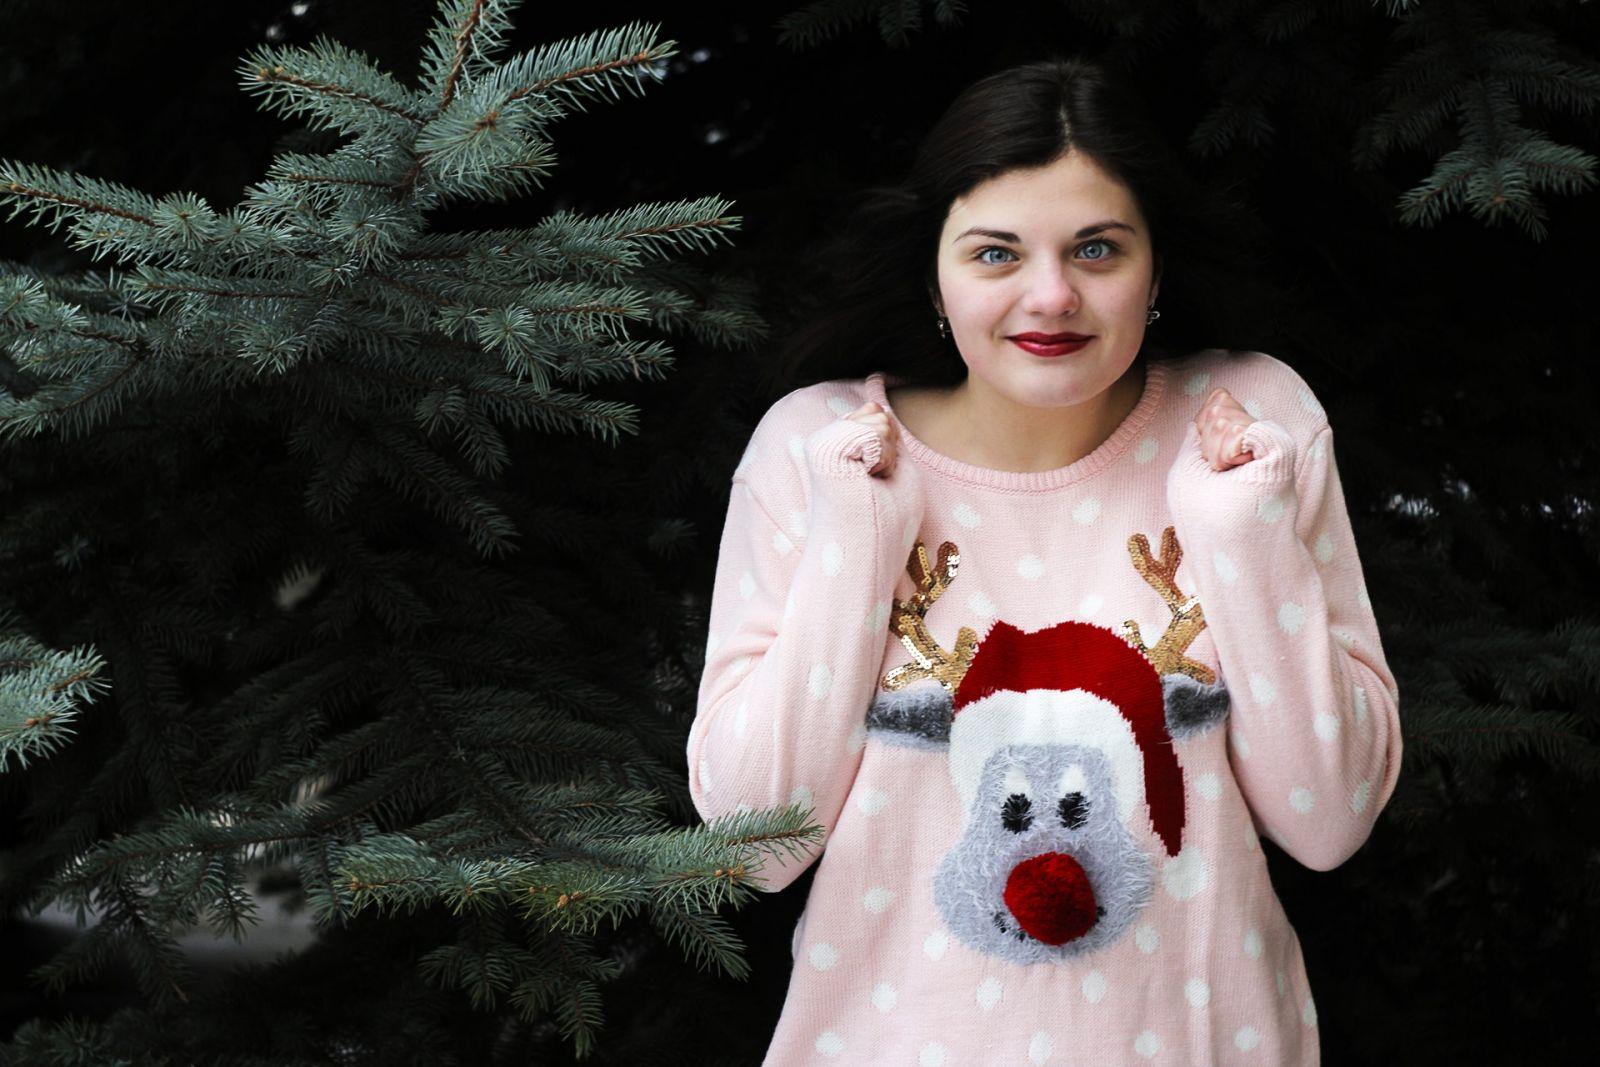 Foute Kersttrui Dag.Opgelet 15 December Is Het Wereld Kersttruien Dag Partyscene